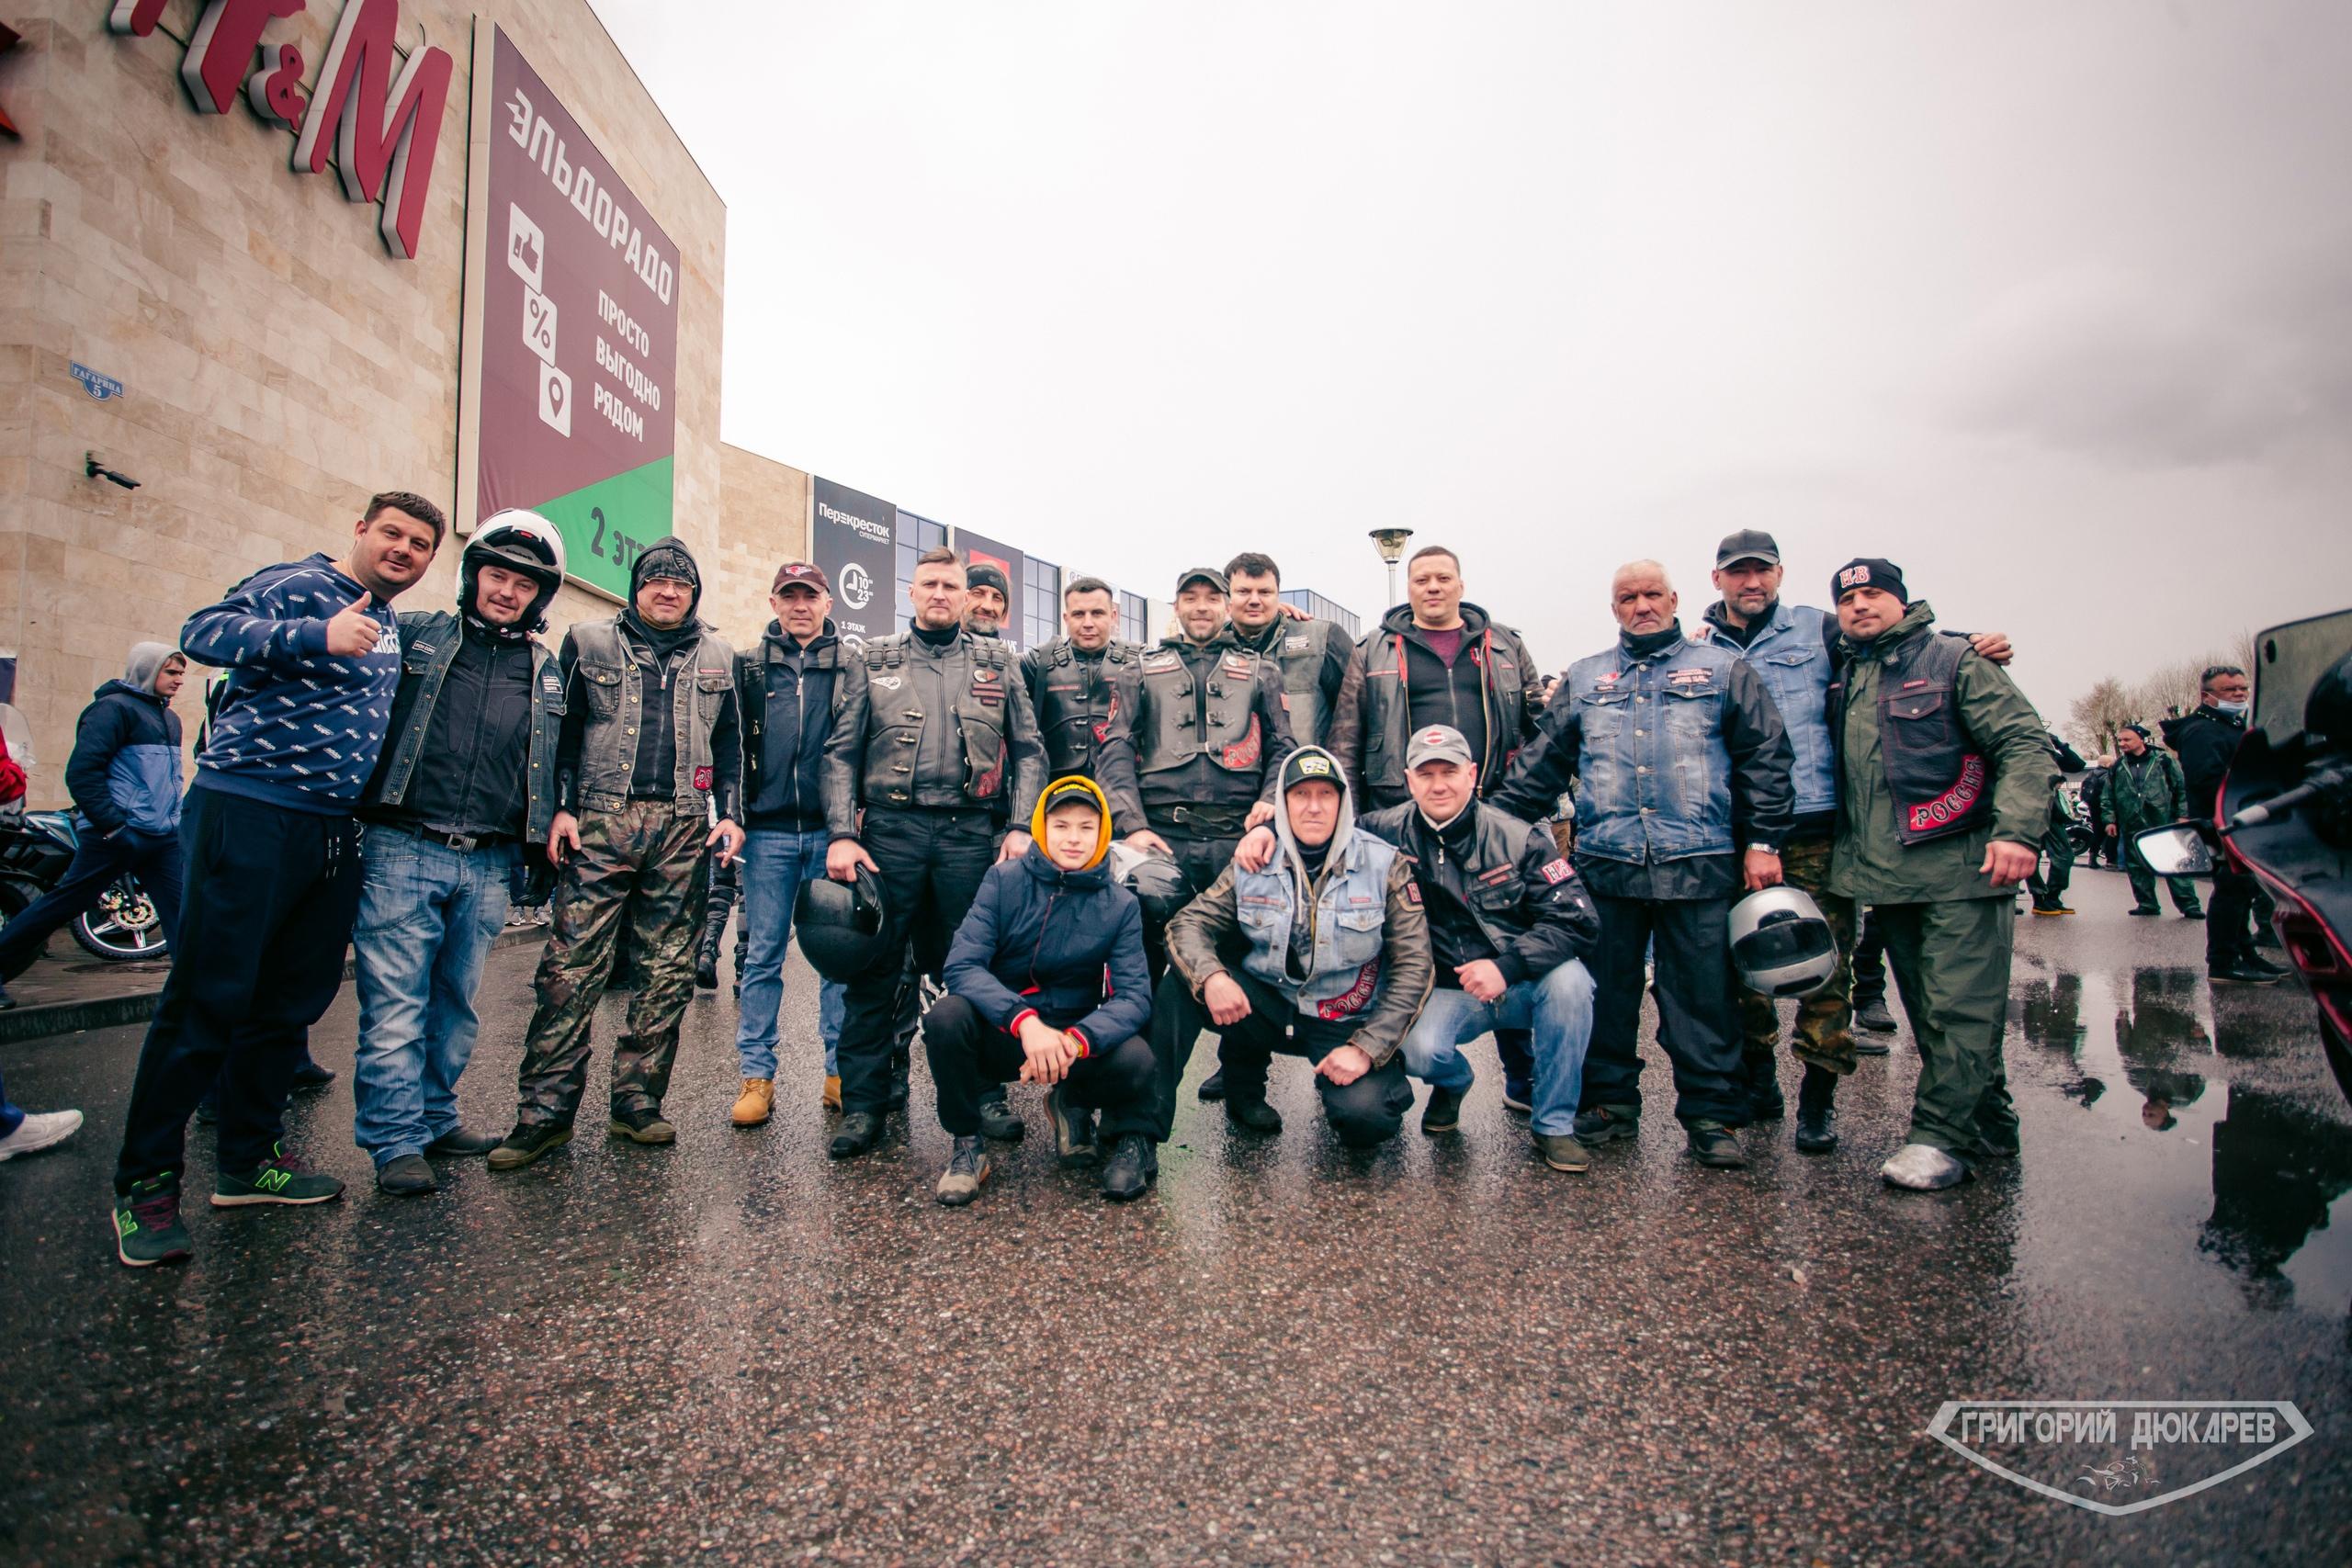 Мотоциклисты Тверской области открыли новый мотосезон